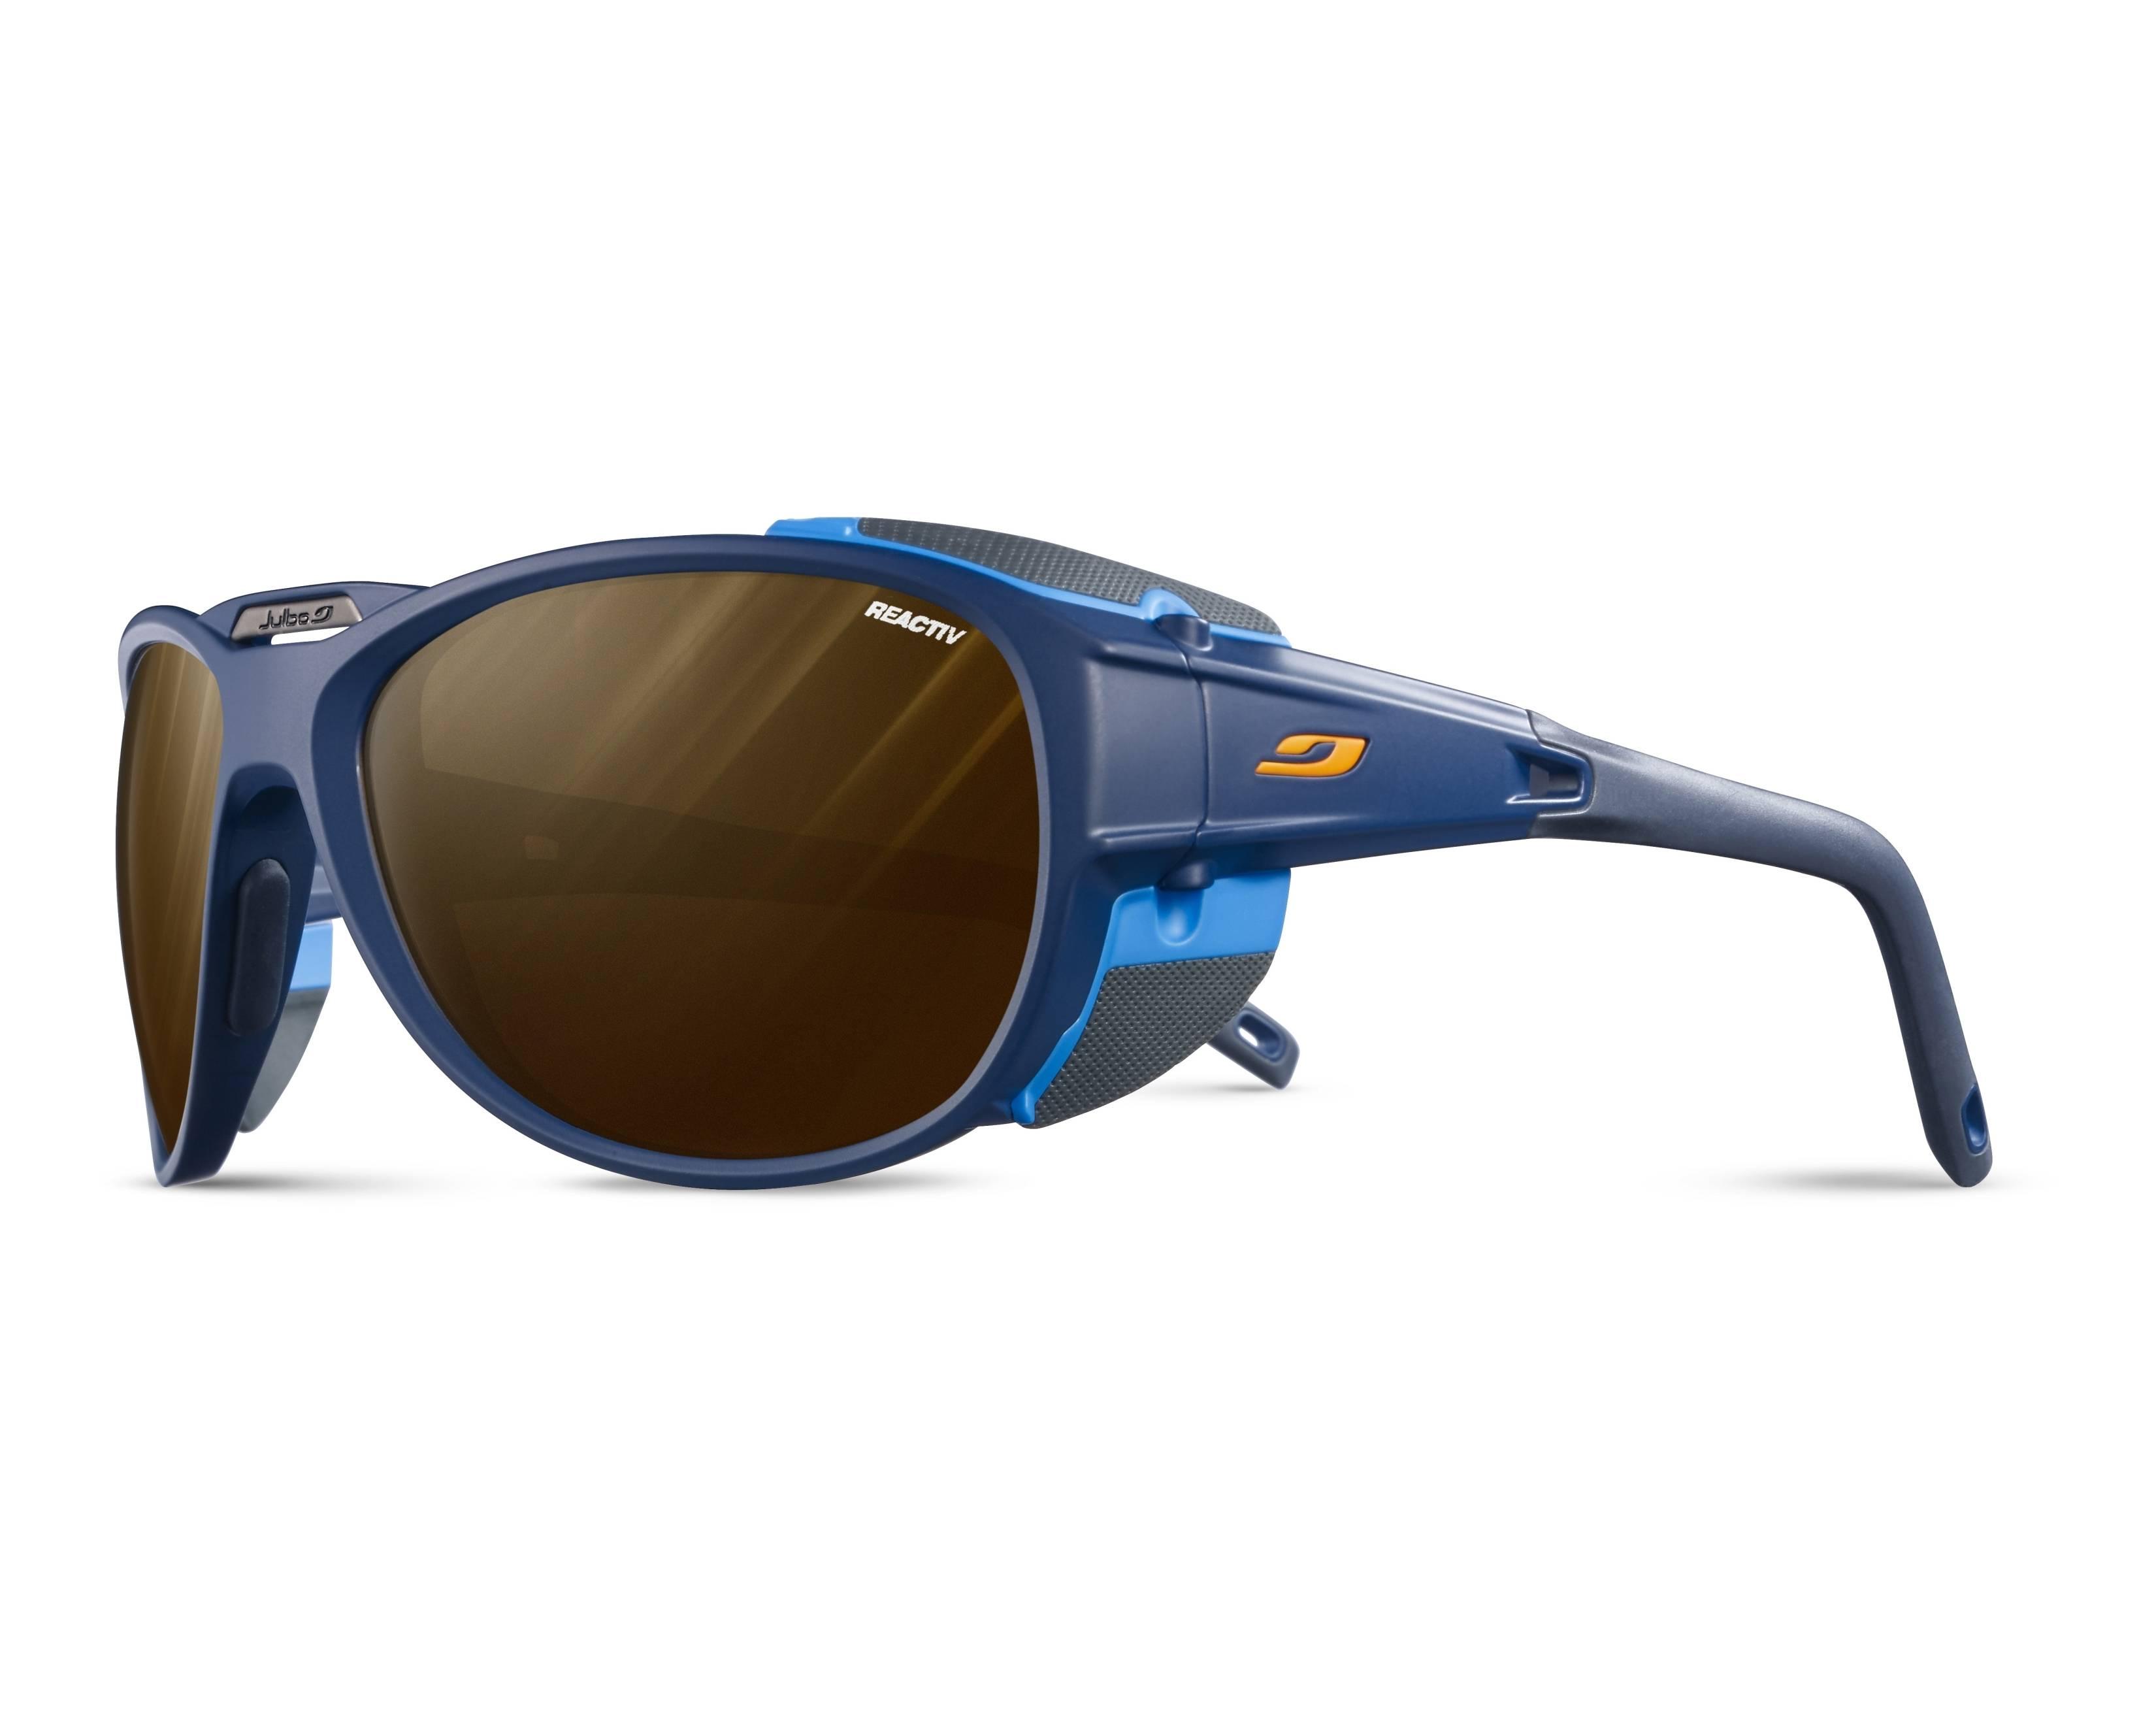 c3977fad4e Gafas de sol Julbo J497 5012 61-11 Azul Azul vista de perfil